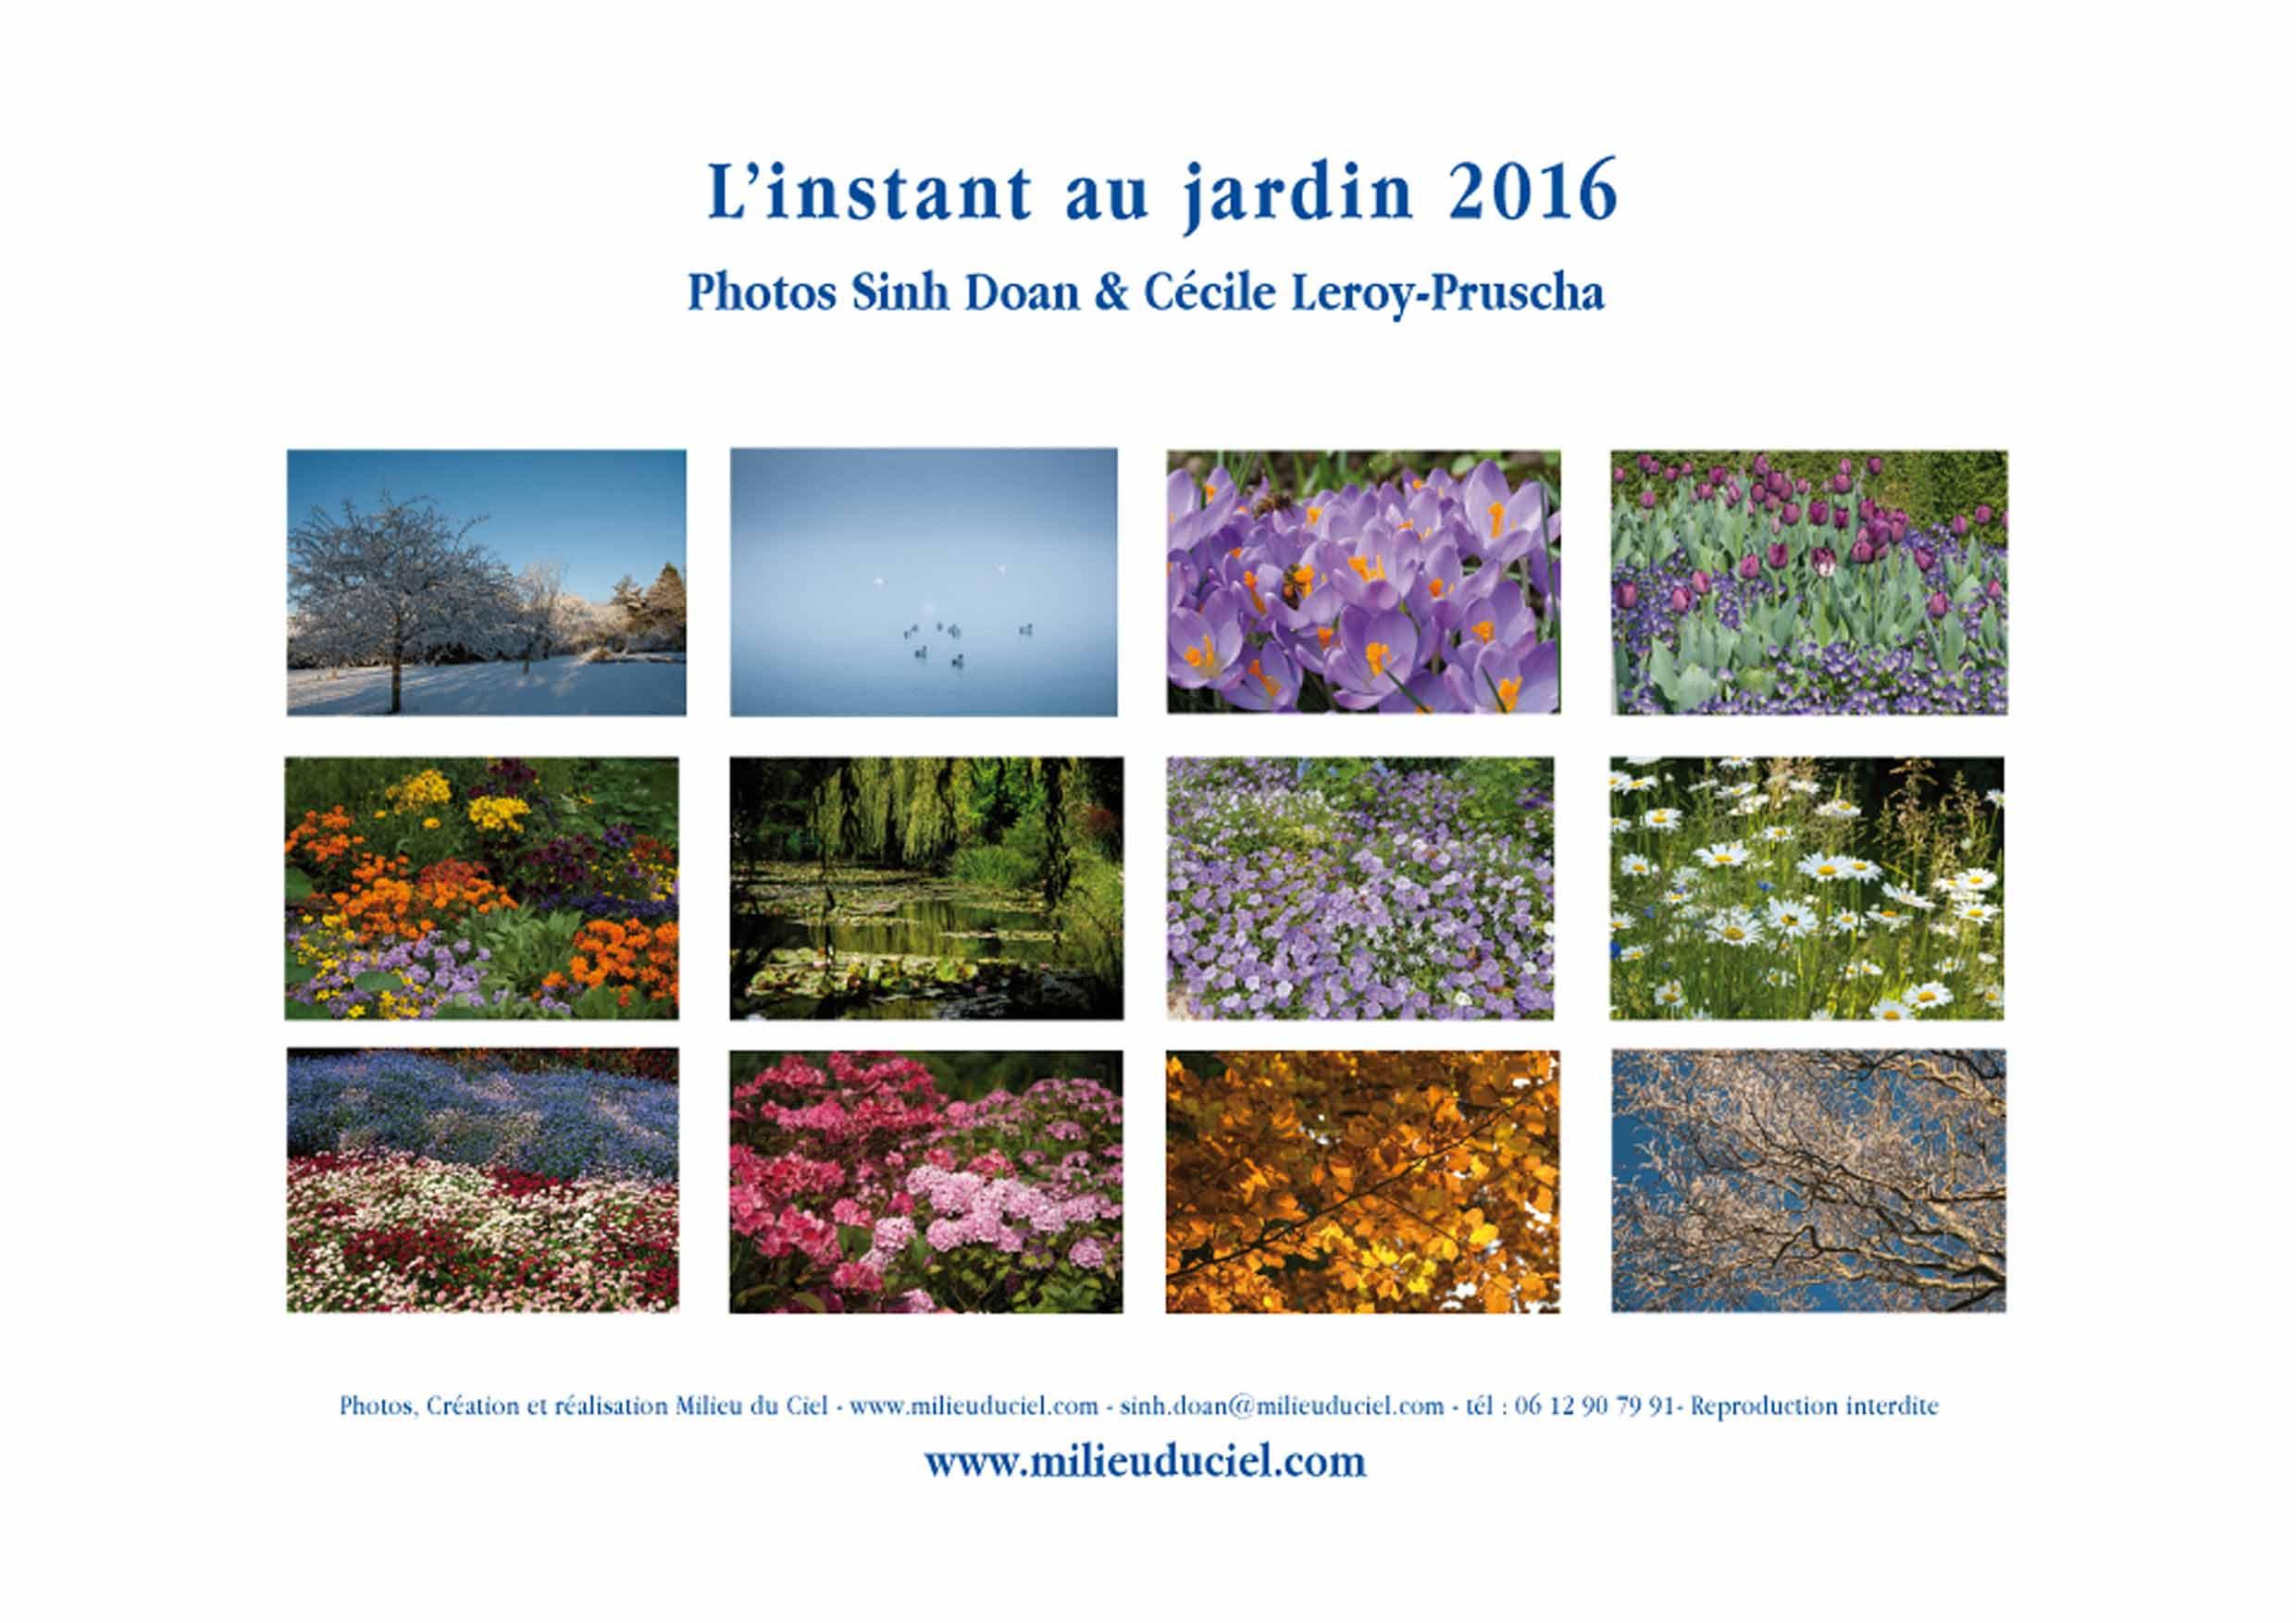 L'instant au jardin - Calendrier Milieuduciel 2016